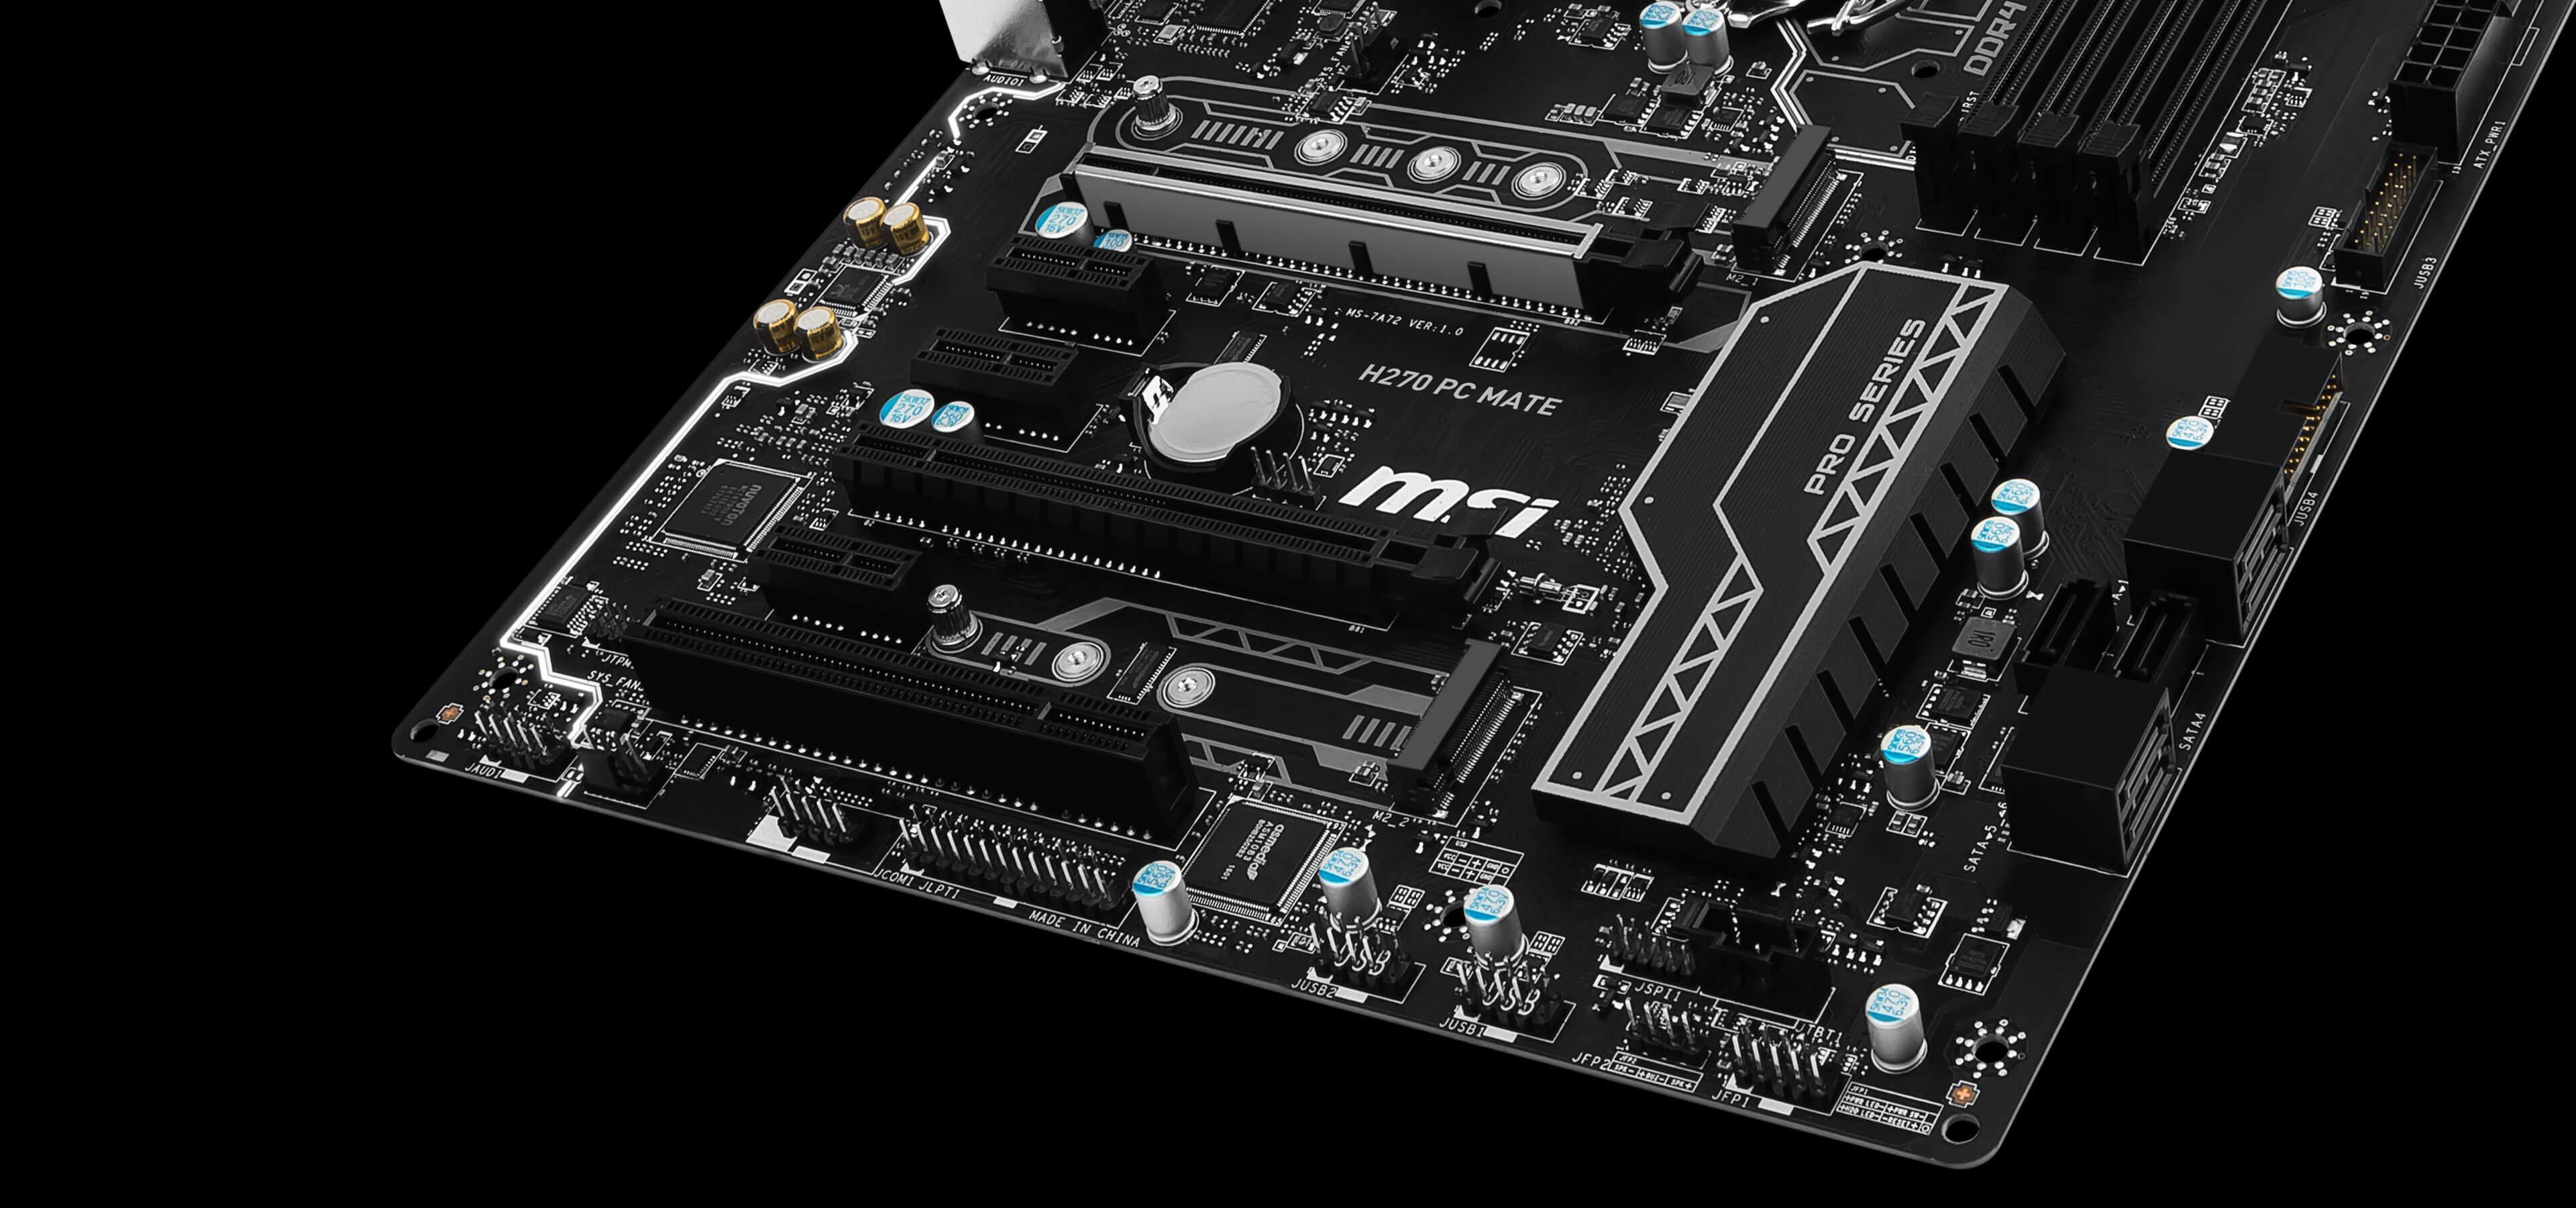 MSI H270 PC MATE 7th/6th Gen USB3 ATX Motherboard - Black (Intel Core i3/i5/i7 Processor, LGA 1151, Dual Channel DDR4, USB 3.1, PCI-E 3.0, PCI-E x1, Sata 6 GB)